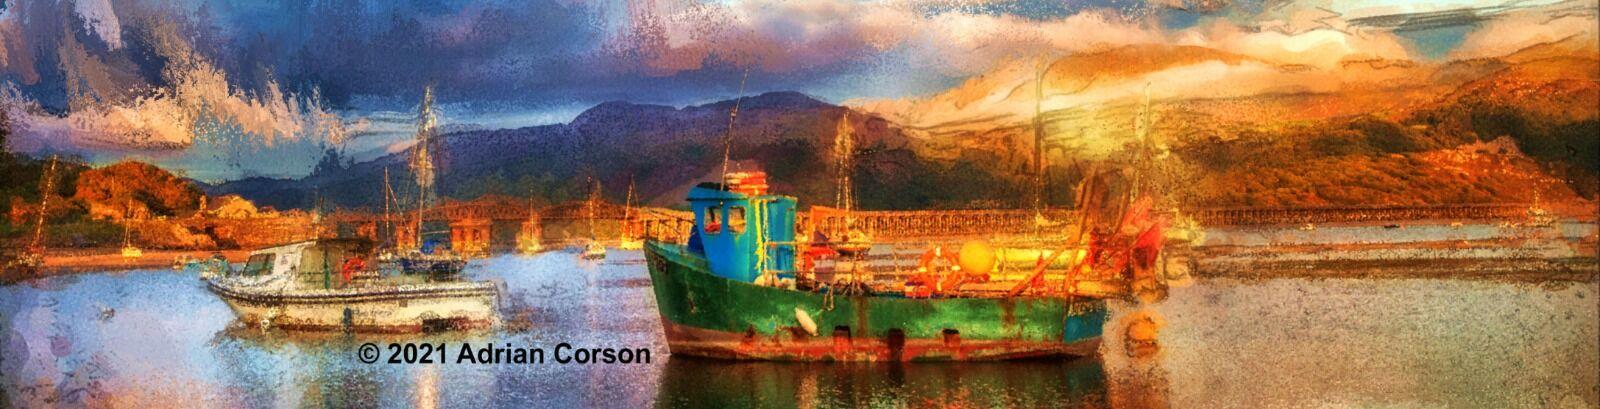 129-fishing boat